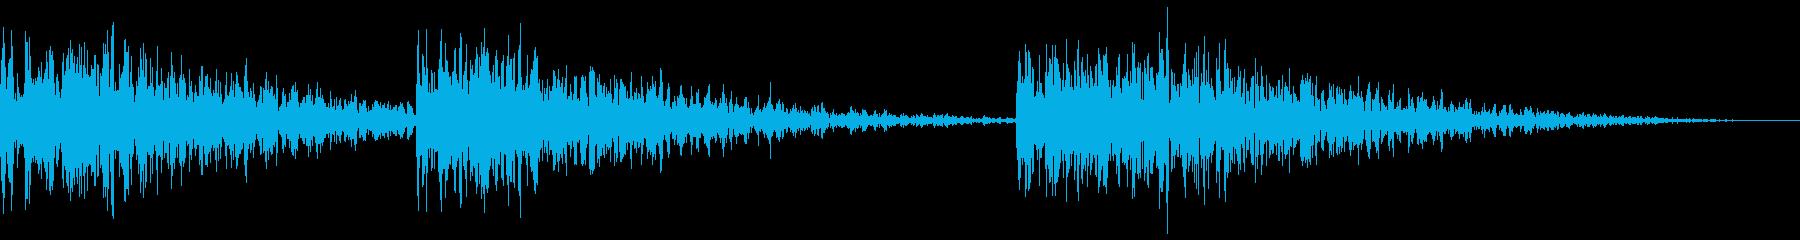 深い怖い影響の再生済みの波形